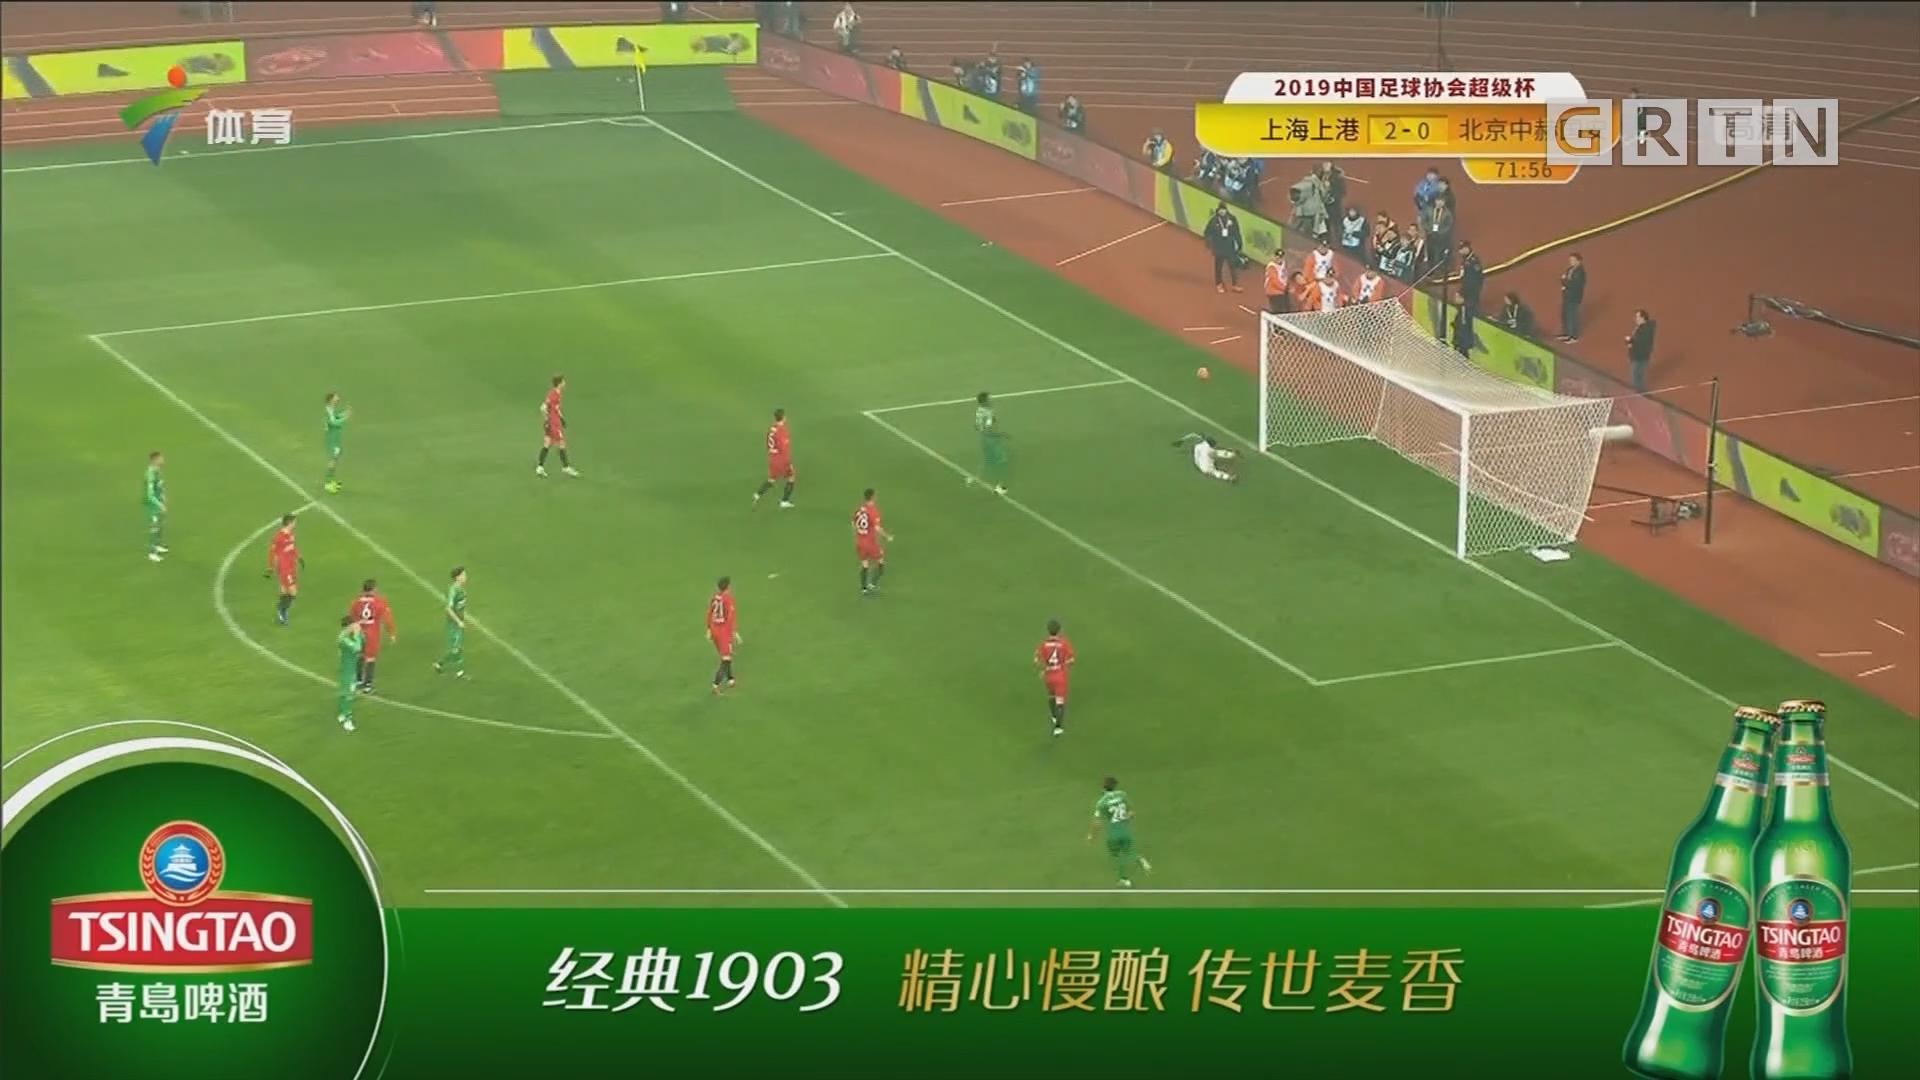 2019中国足球协会超级杯